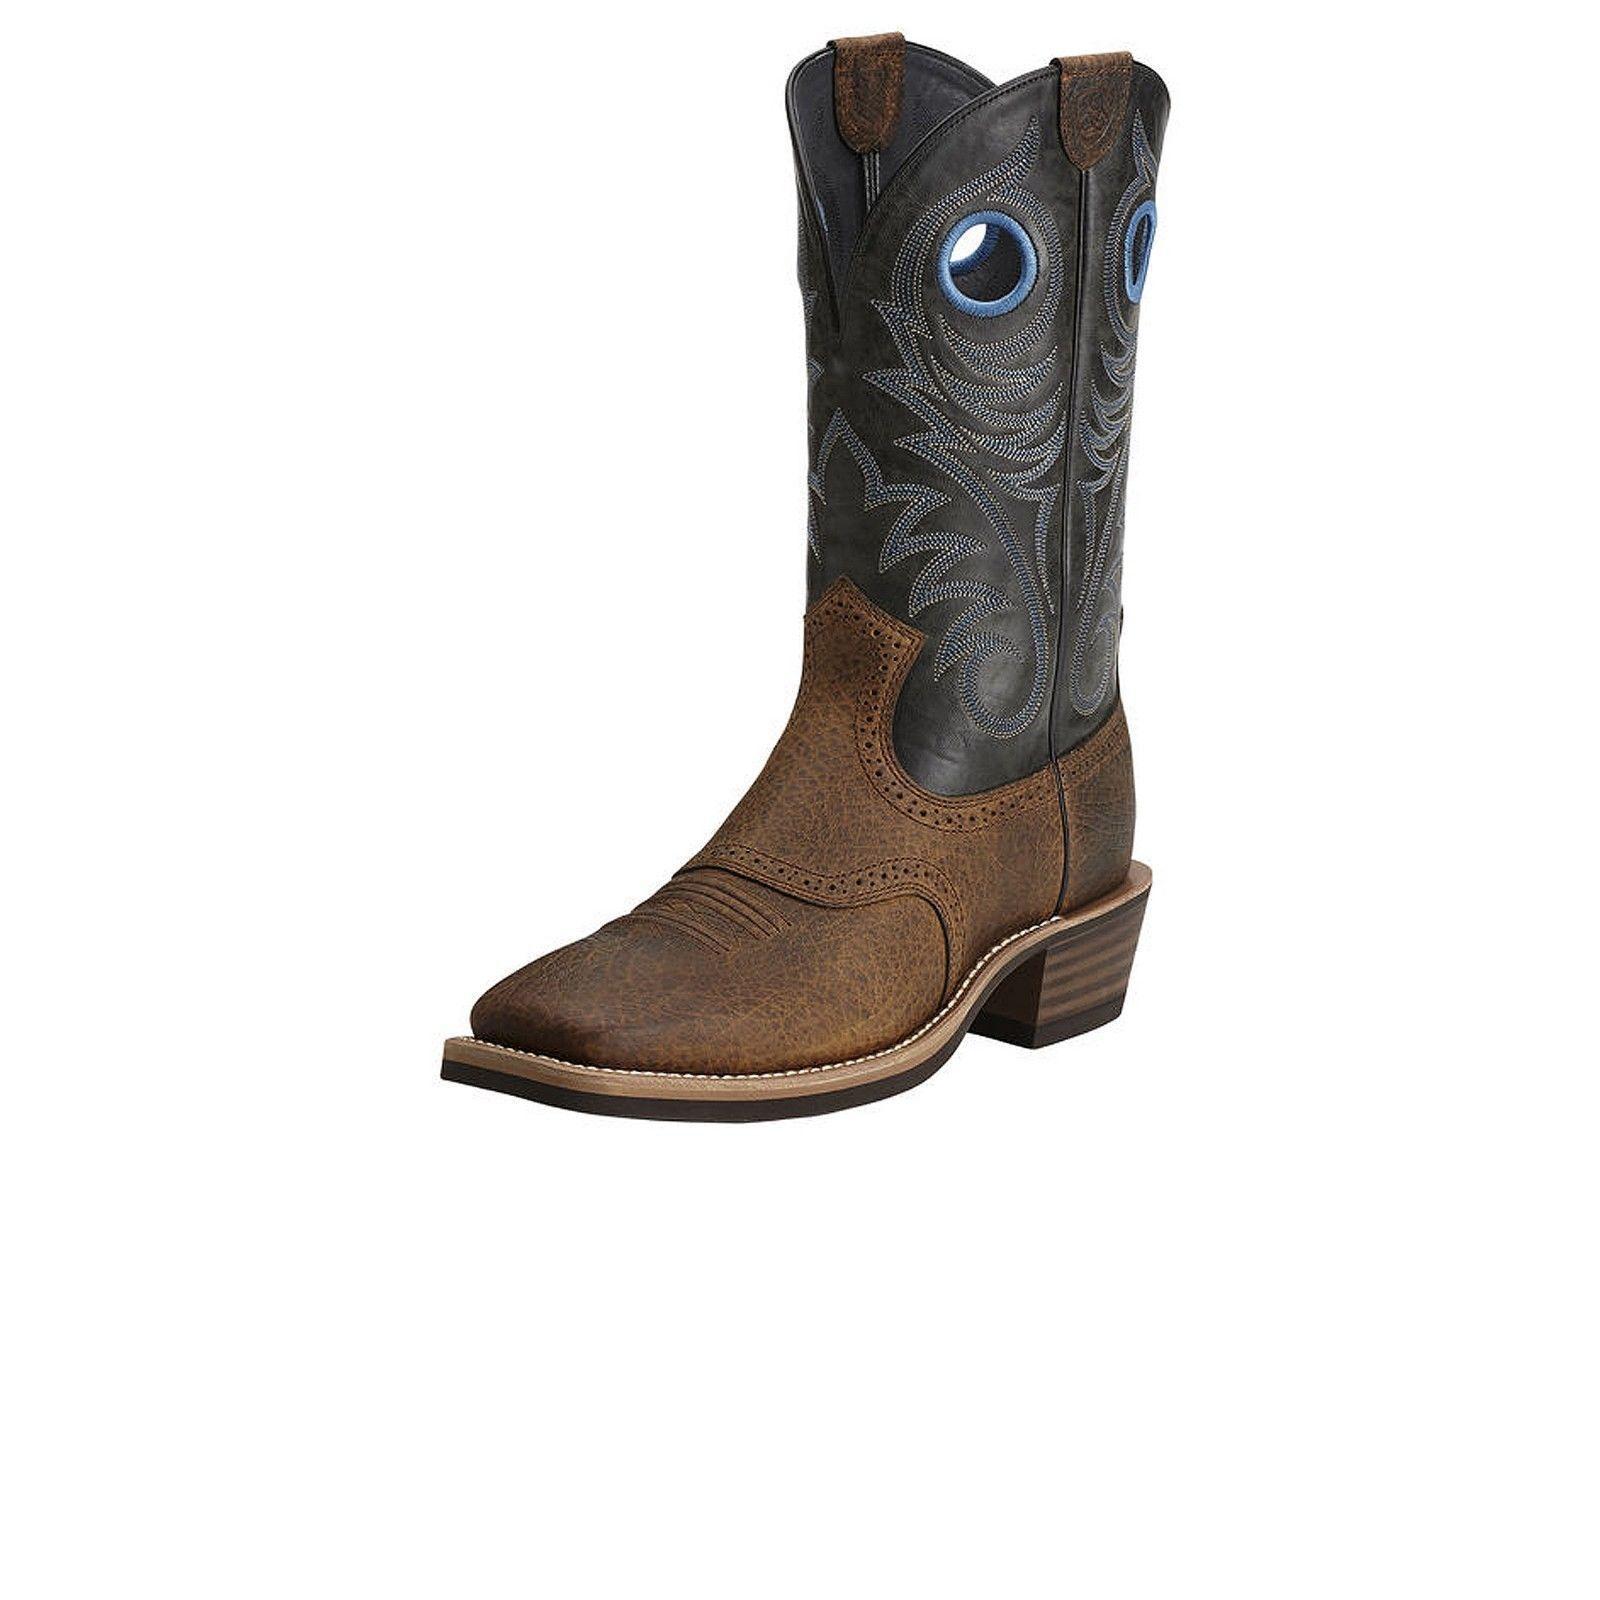 Para Hombre Ariat Heritage roughstock Wst marrón negro Plaza dedo botas 10014024 Nuevo En Caja